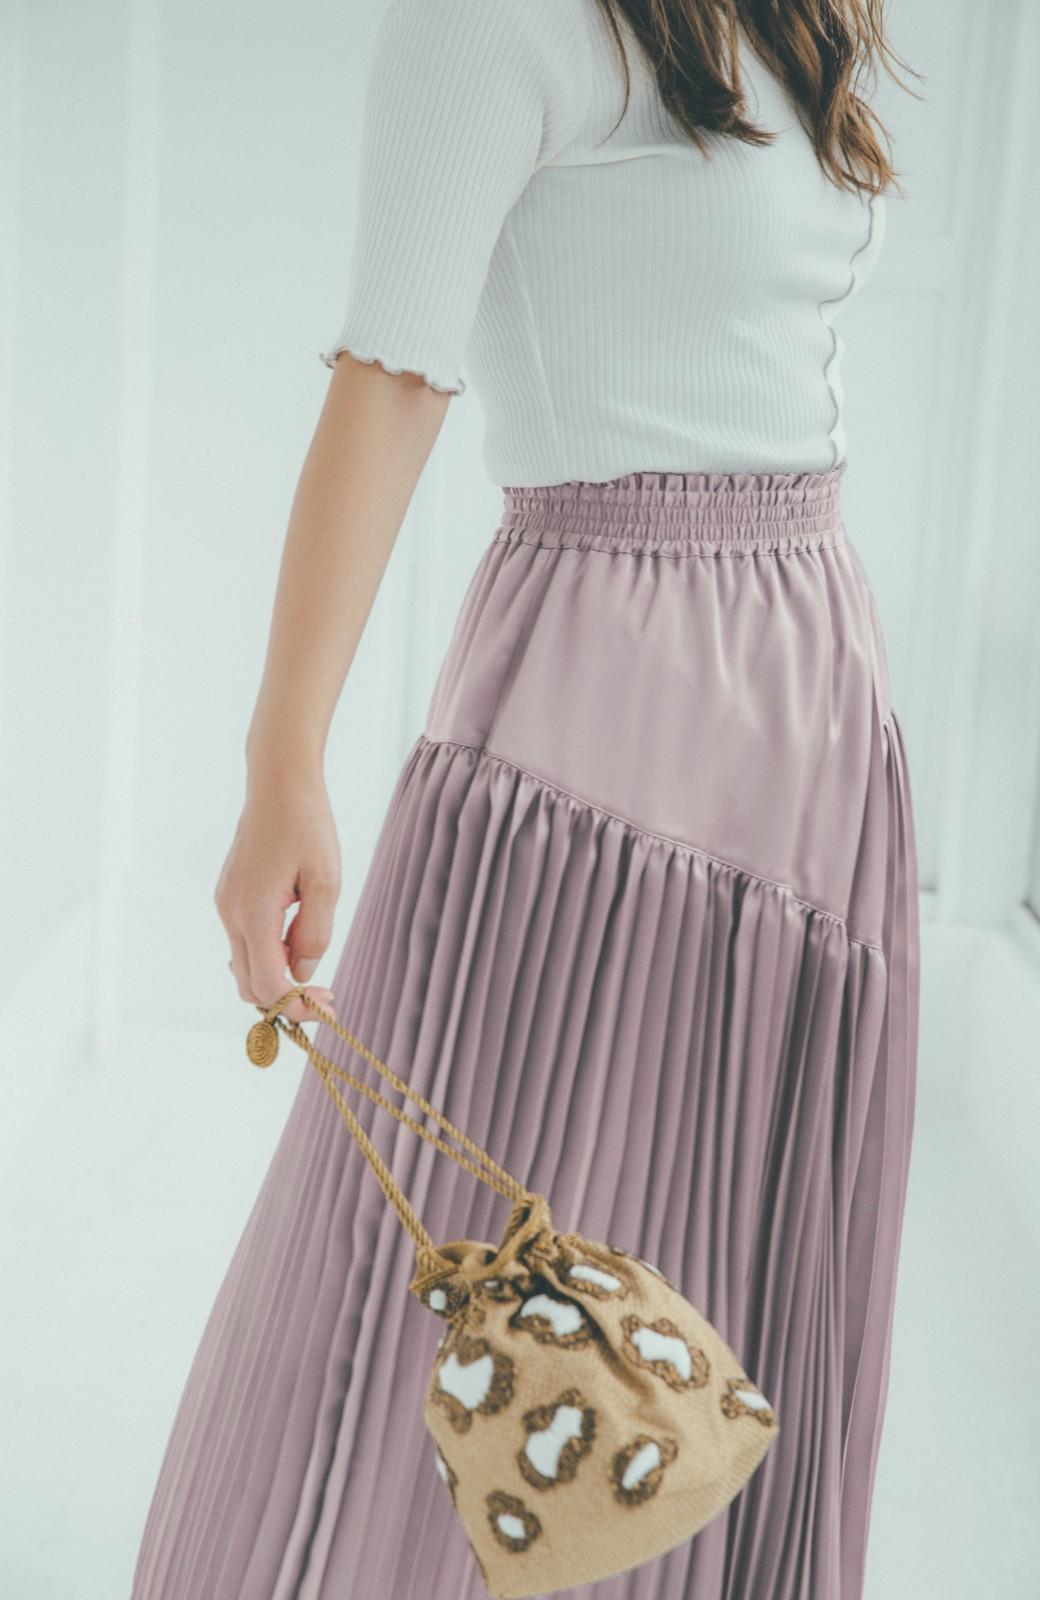 haco! 【スザンヌさんコラボ】スウェットもTシャツも着映えさせる!ラップデザイン風アシンメトリーサテンプリーツスカート by LOVE&PEACE PROJECT <スモークピンク>の商品写真10